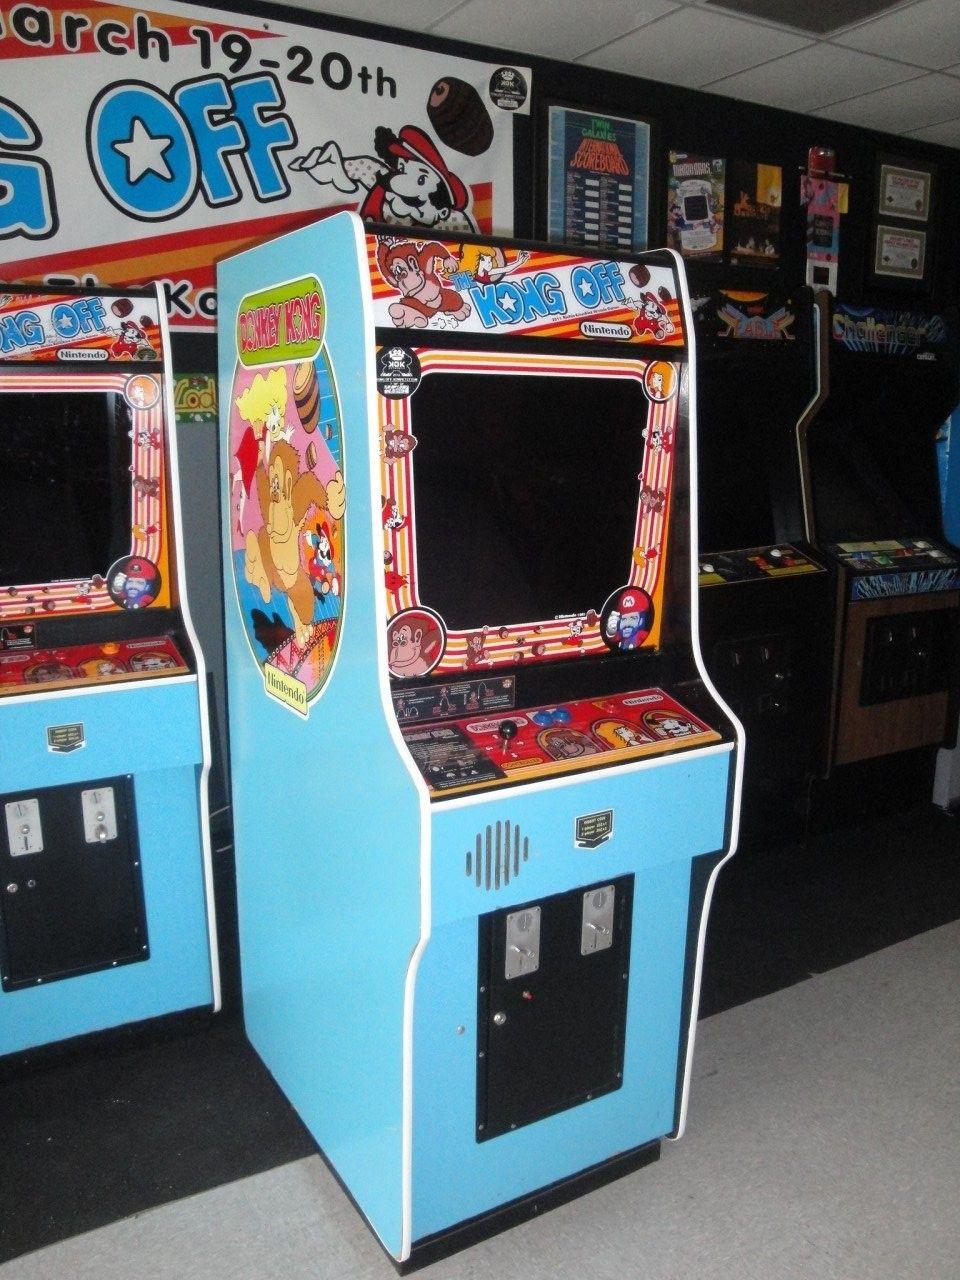 Donkey Kong Kong Off Edition